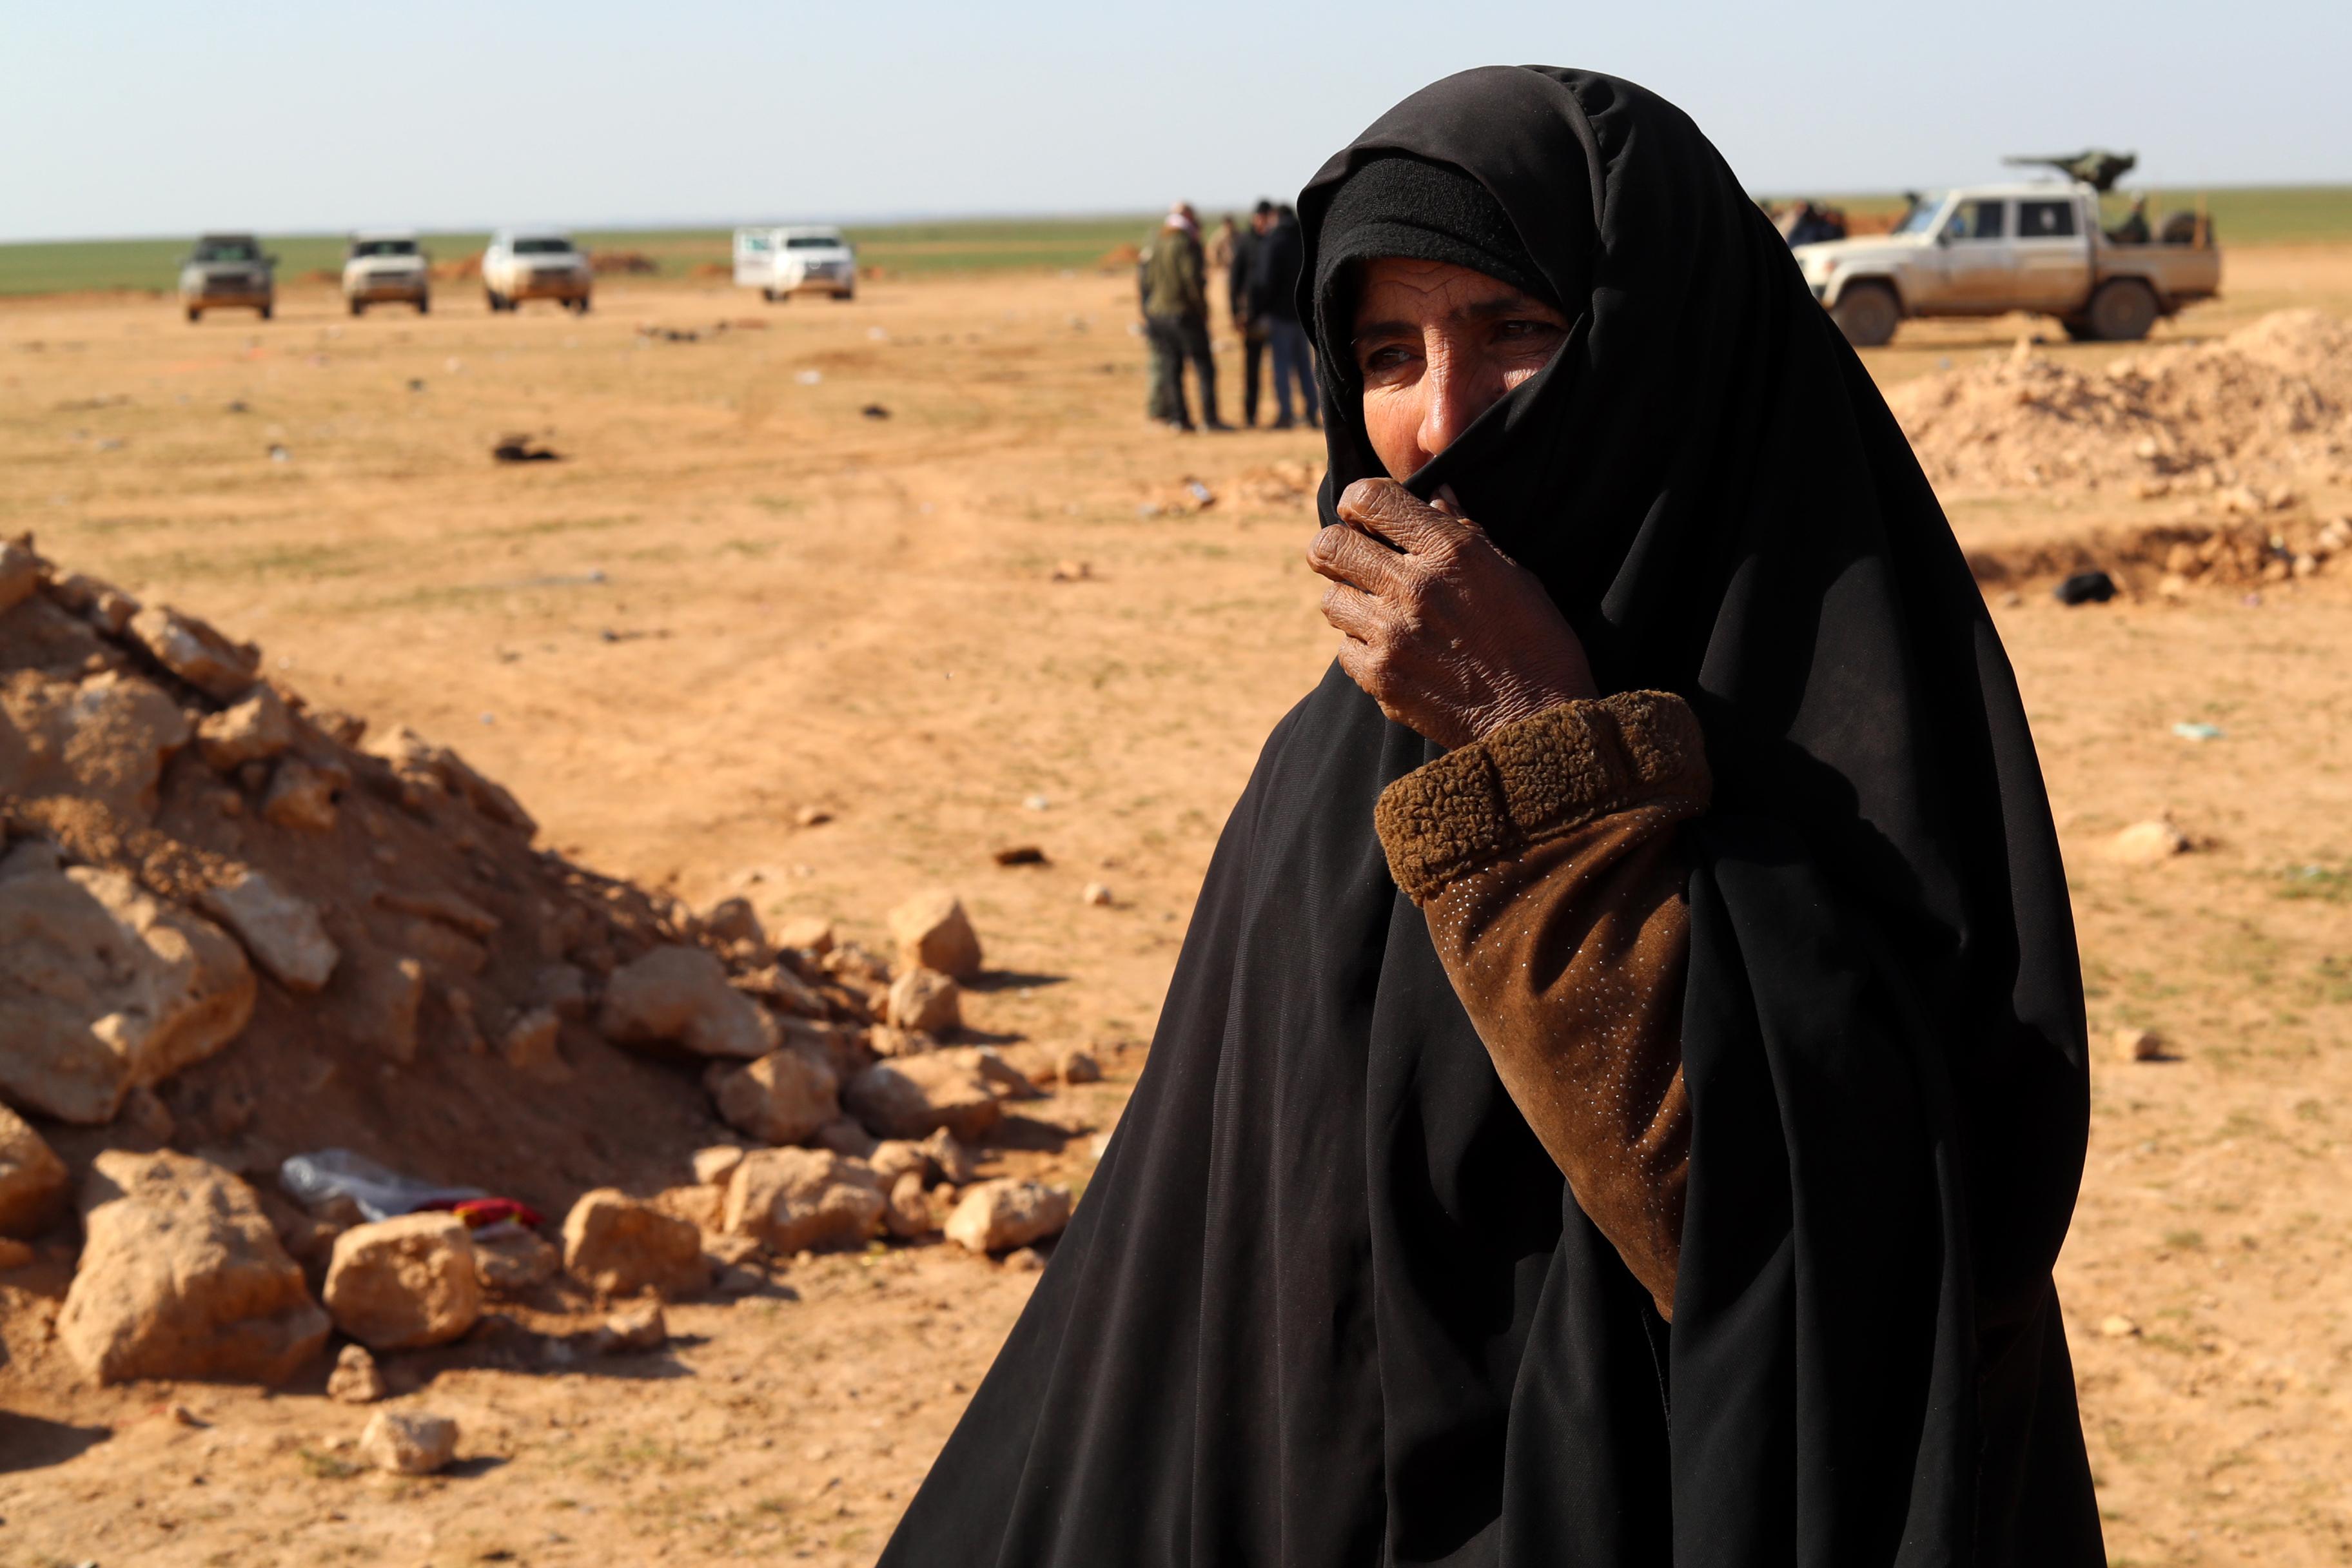 «Это все вранье», — рассказала гражданка Казахстана, сбежавшая от ИГ в Сирии